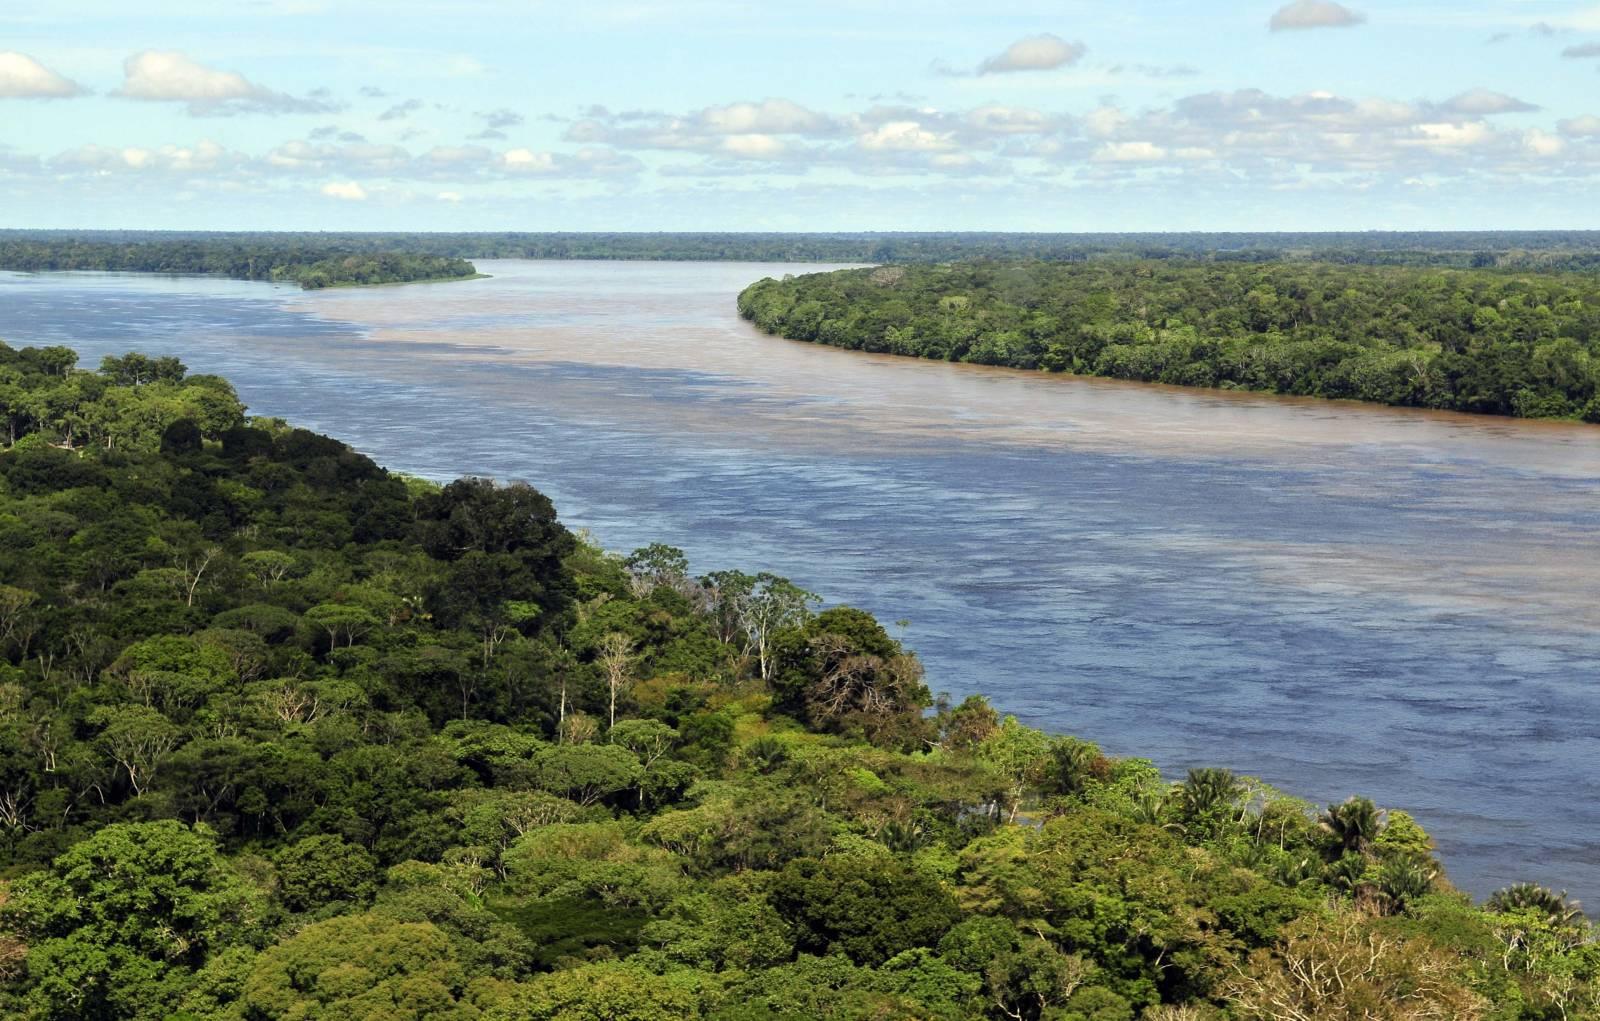 Croisière sur l'Amazone - Fleuve